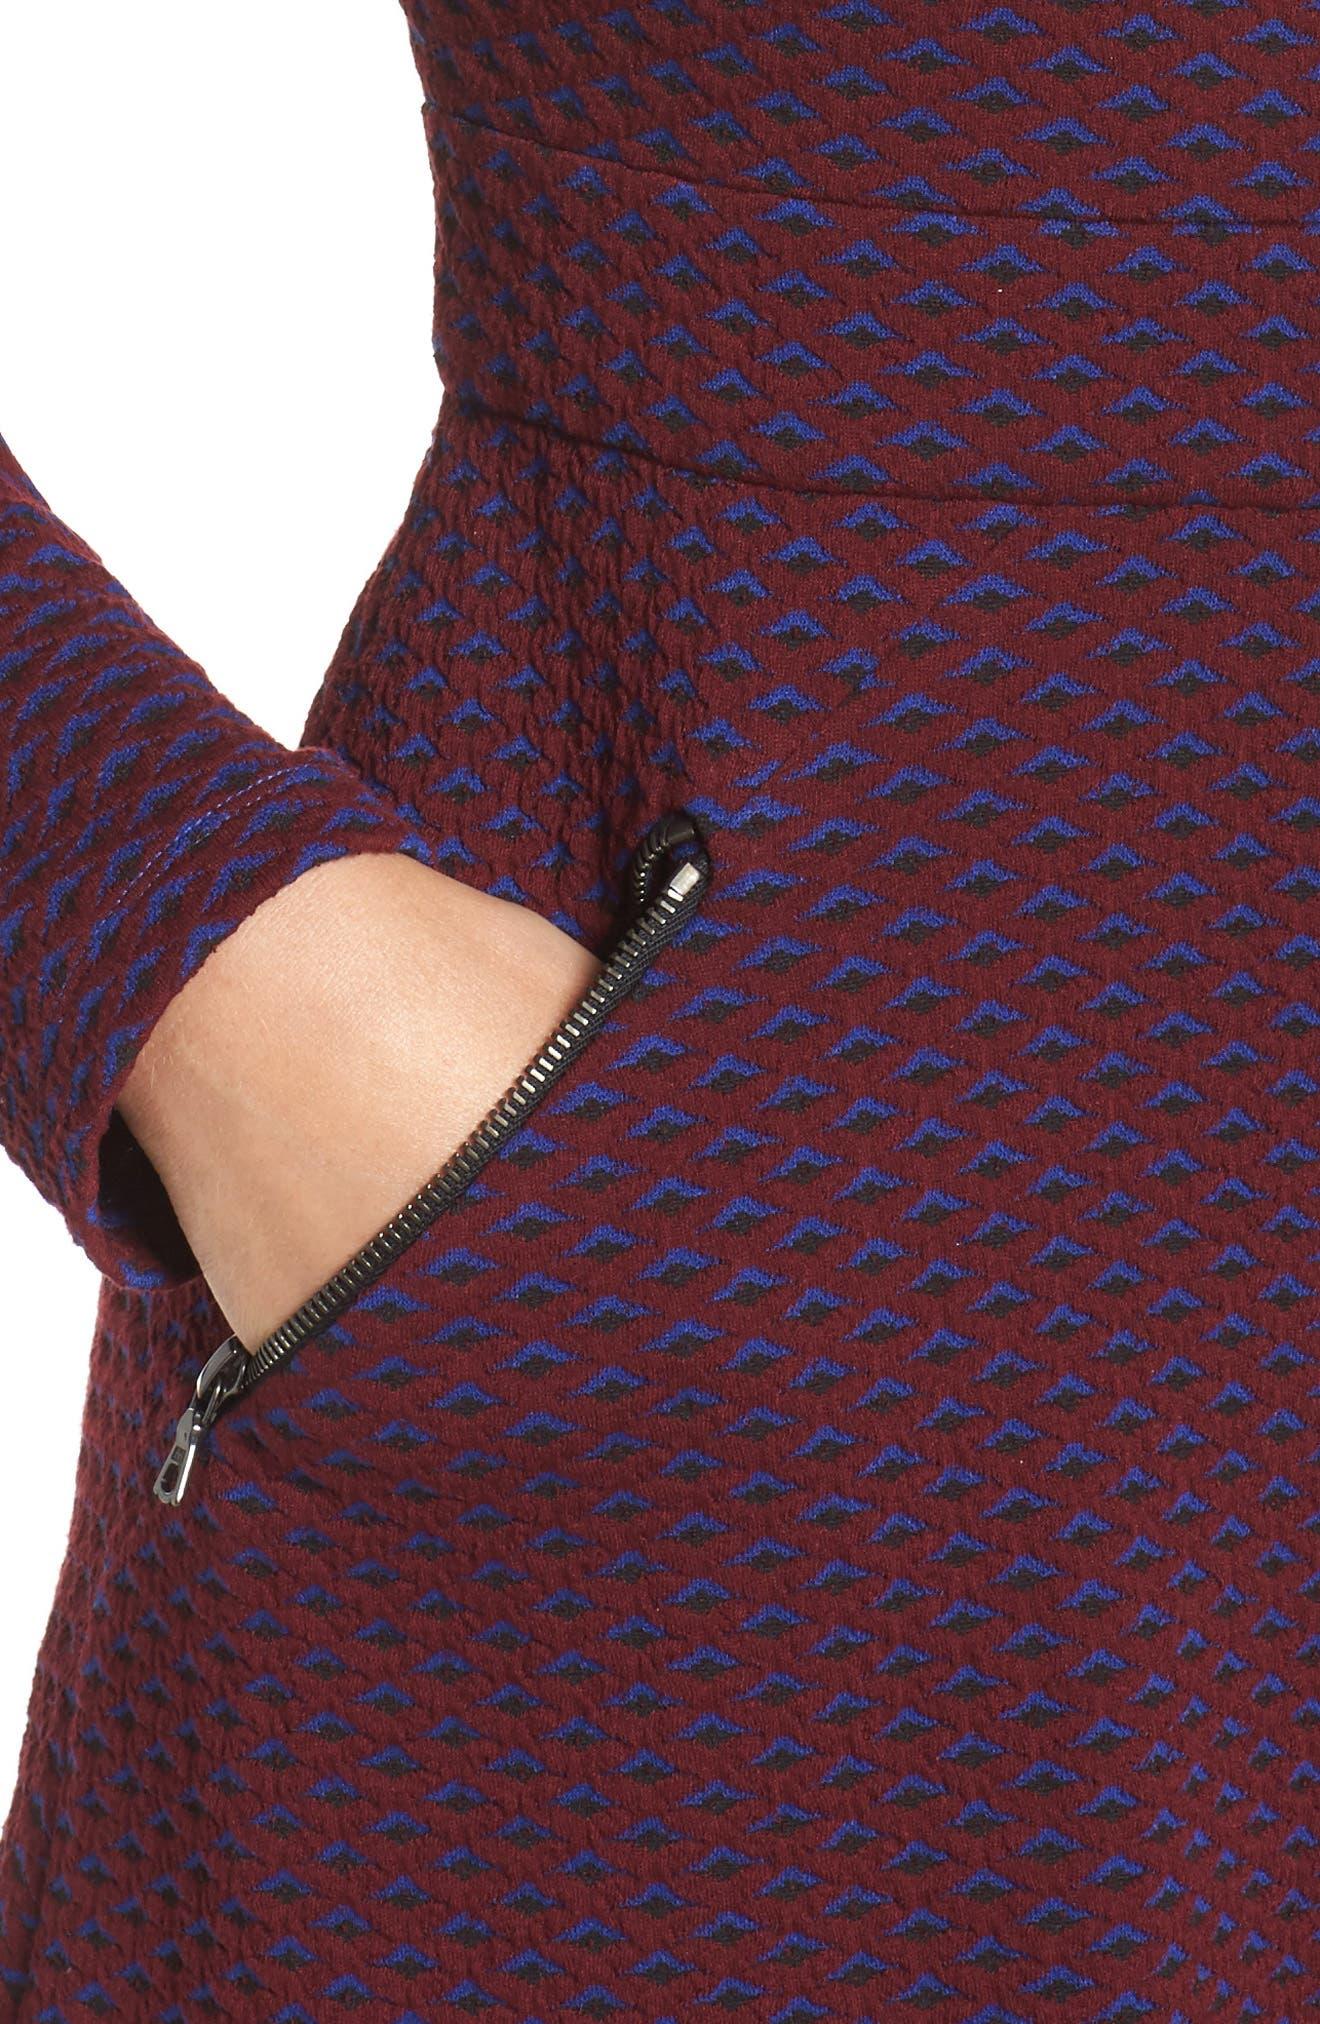 Jacquard Fit & Flare Dress,                             Alternate thumbnail 4, color,                             401